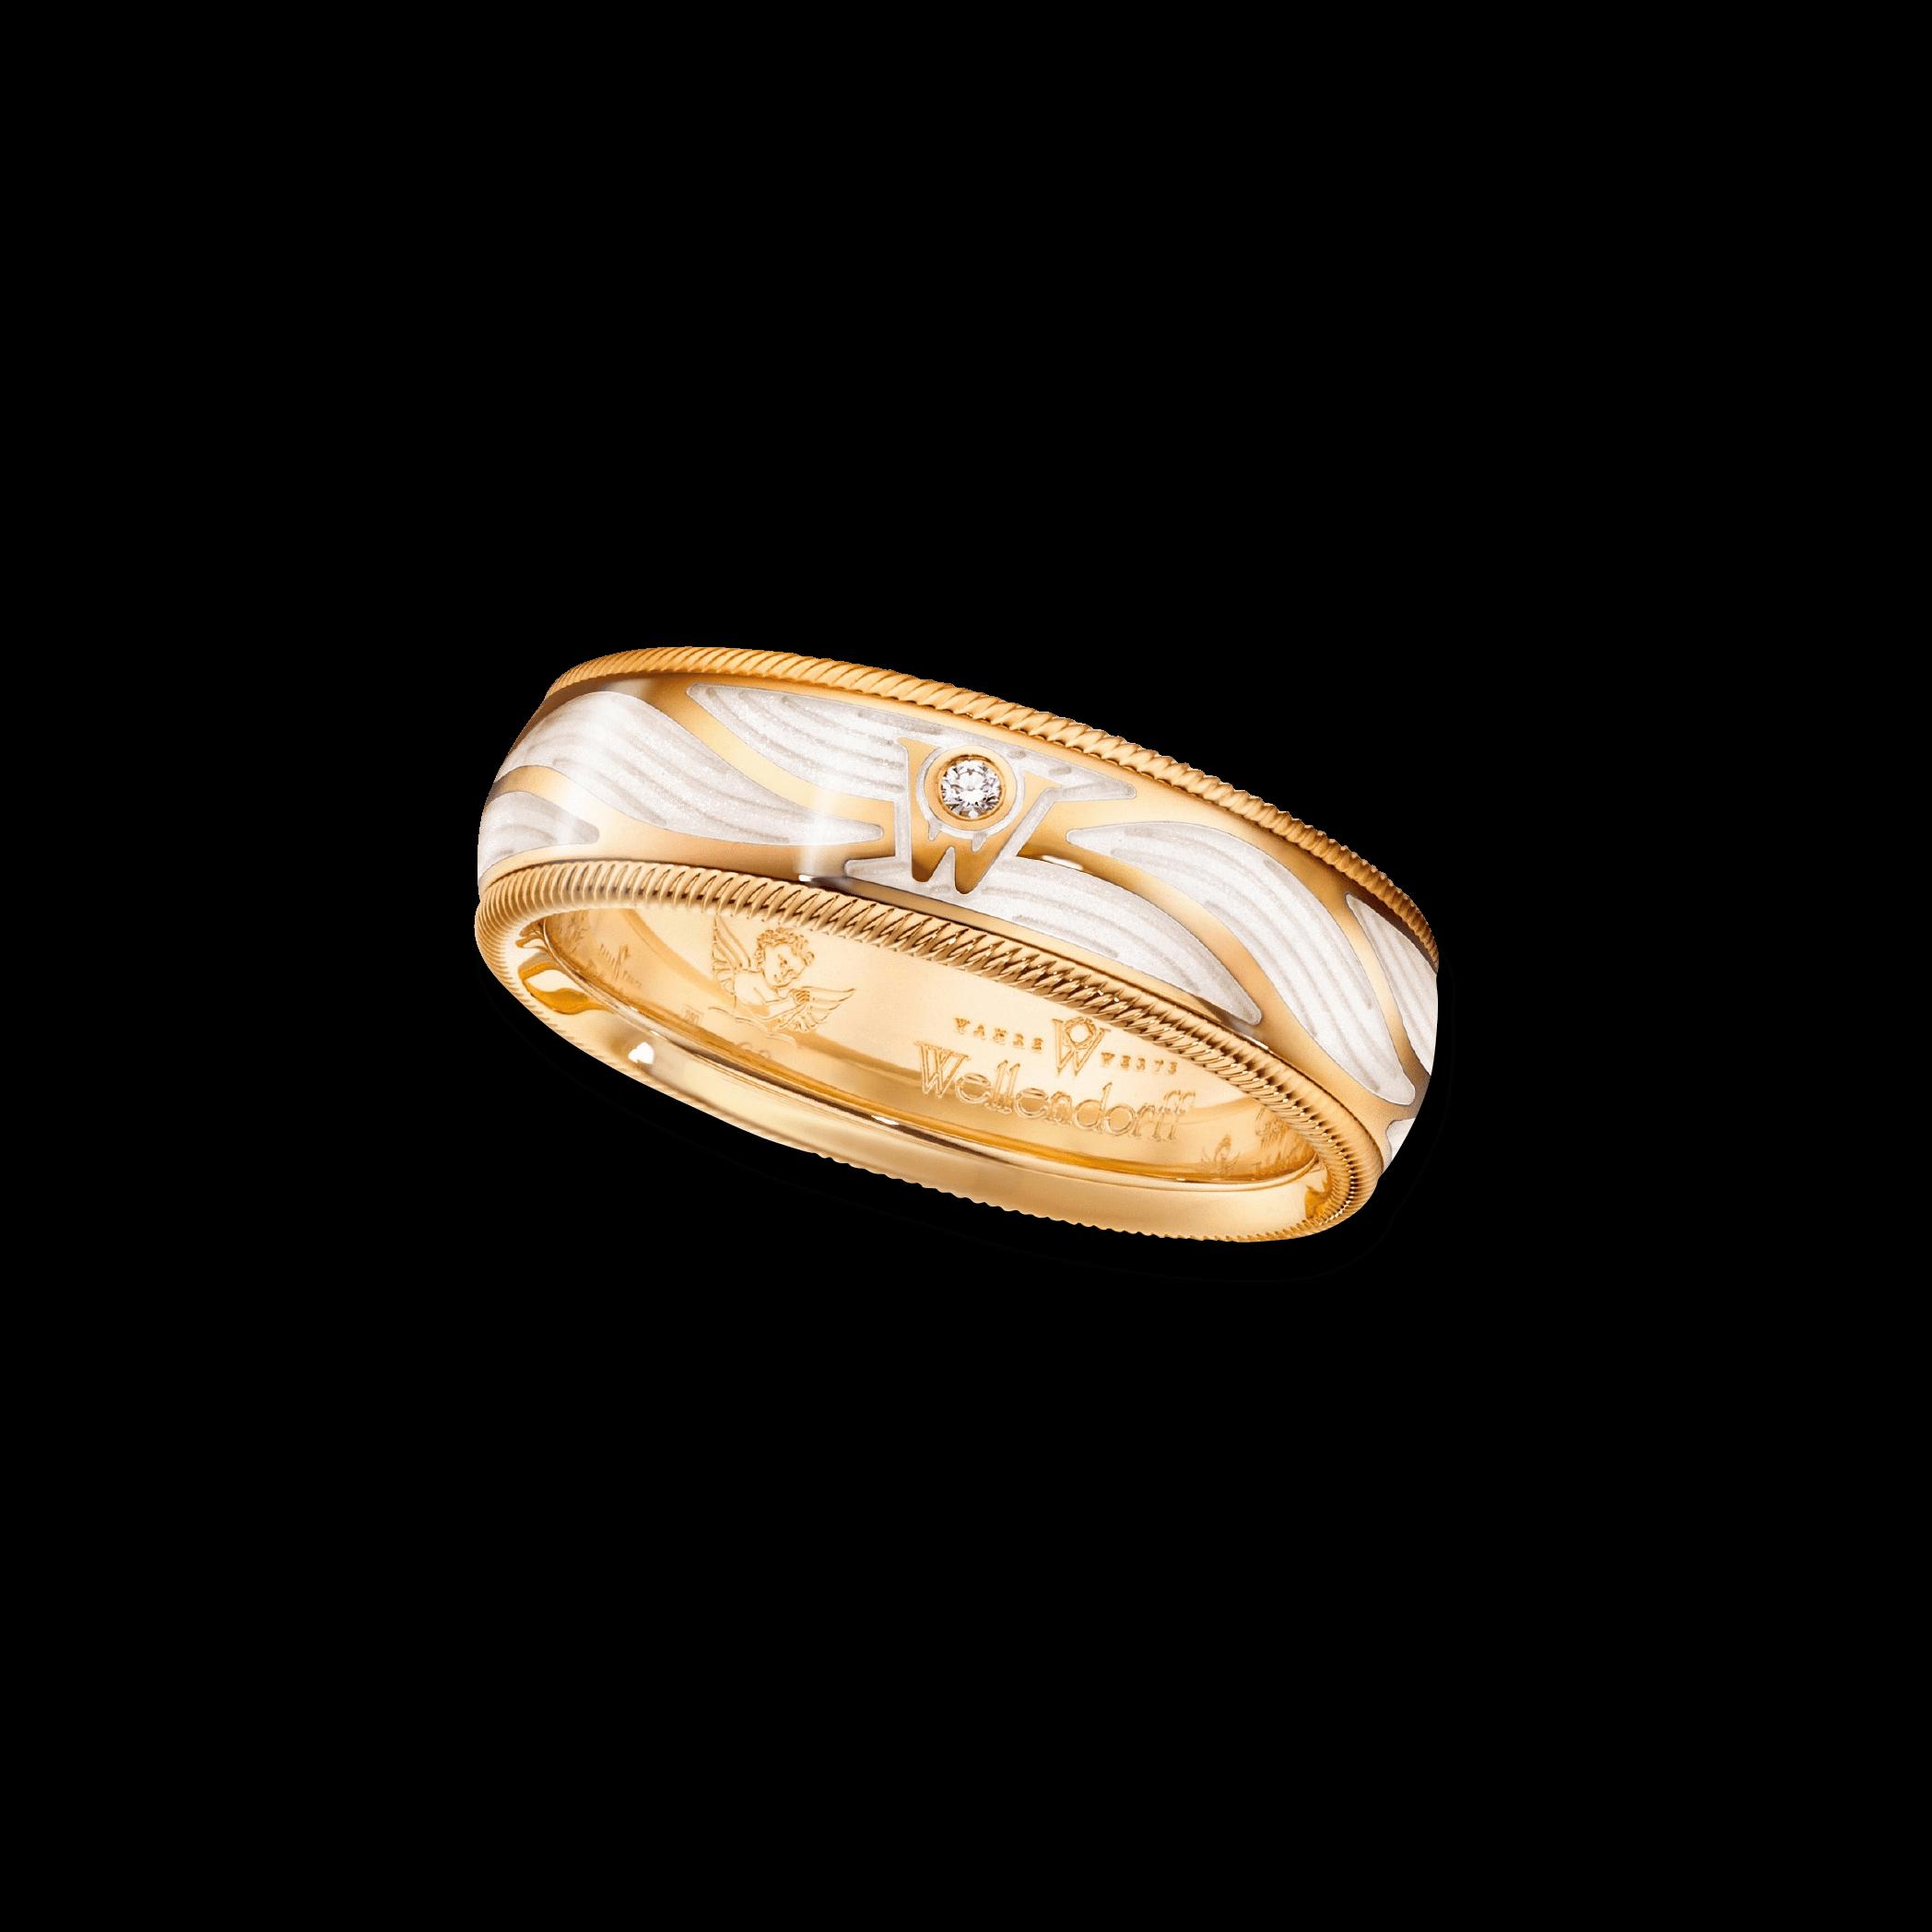 Ringe aus Gold Silber Platin und Emaille bei Brogle entdecken